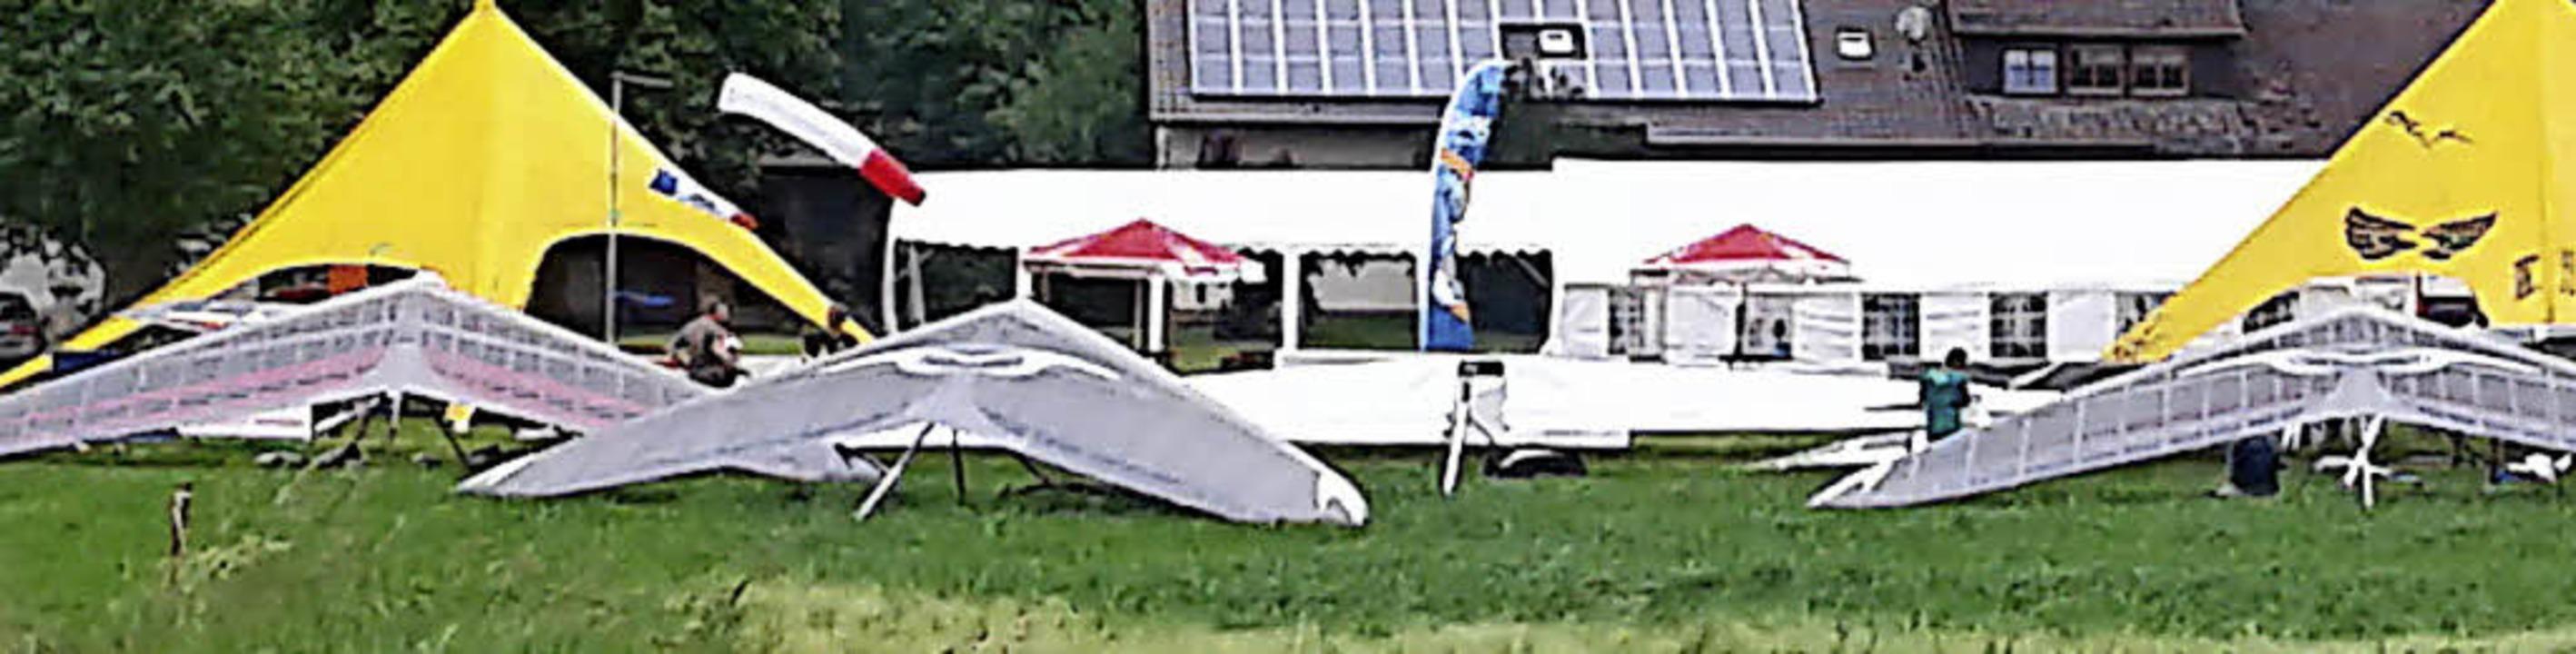 Am Landeplatz in Bleibach waren schon gestern Drachenflieger zu sehen.     Foto: DGFC Südschwarzwald